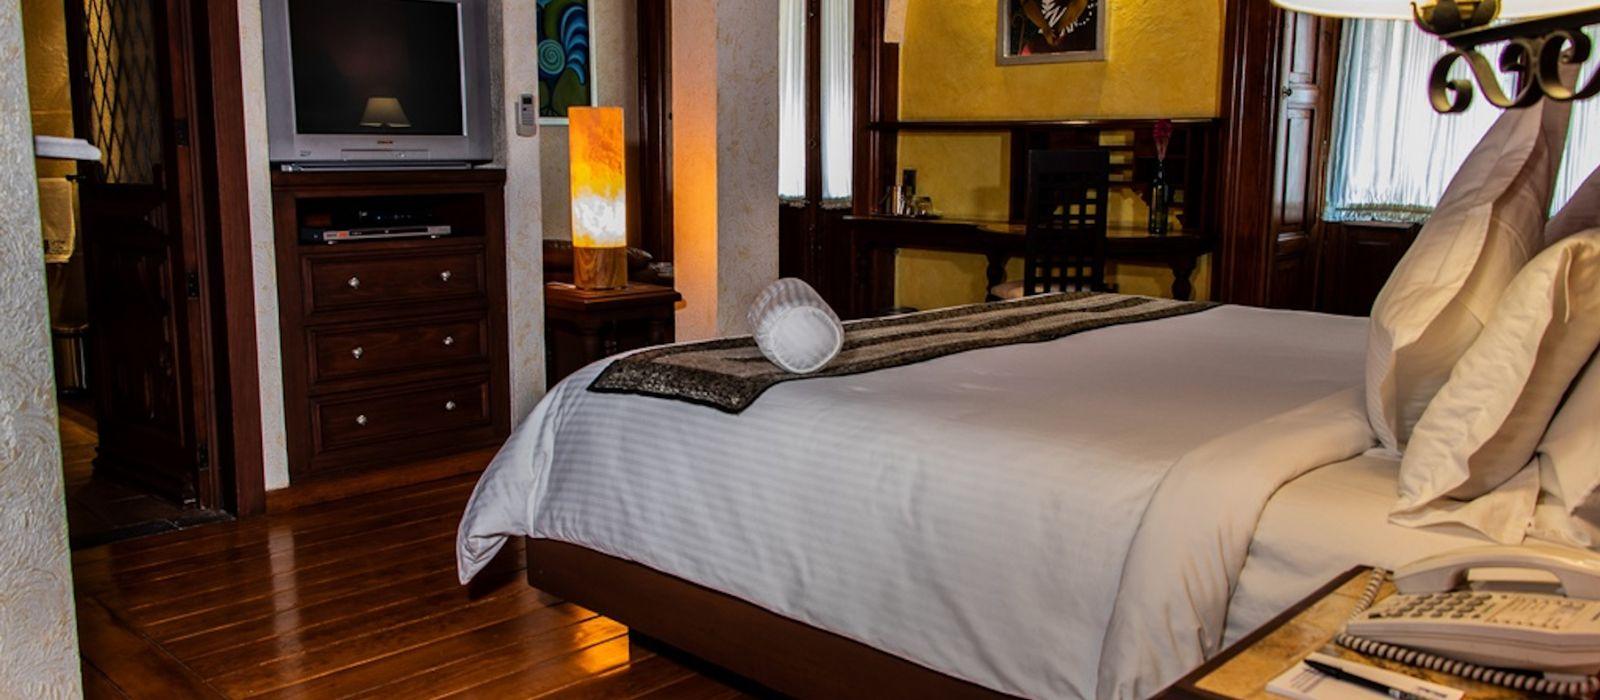 Hotel Casona de la China Poblana Mexiko